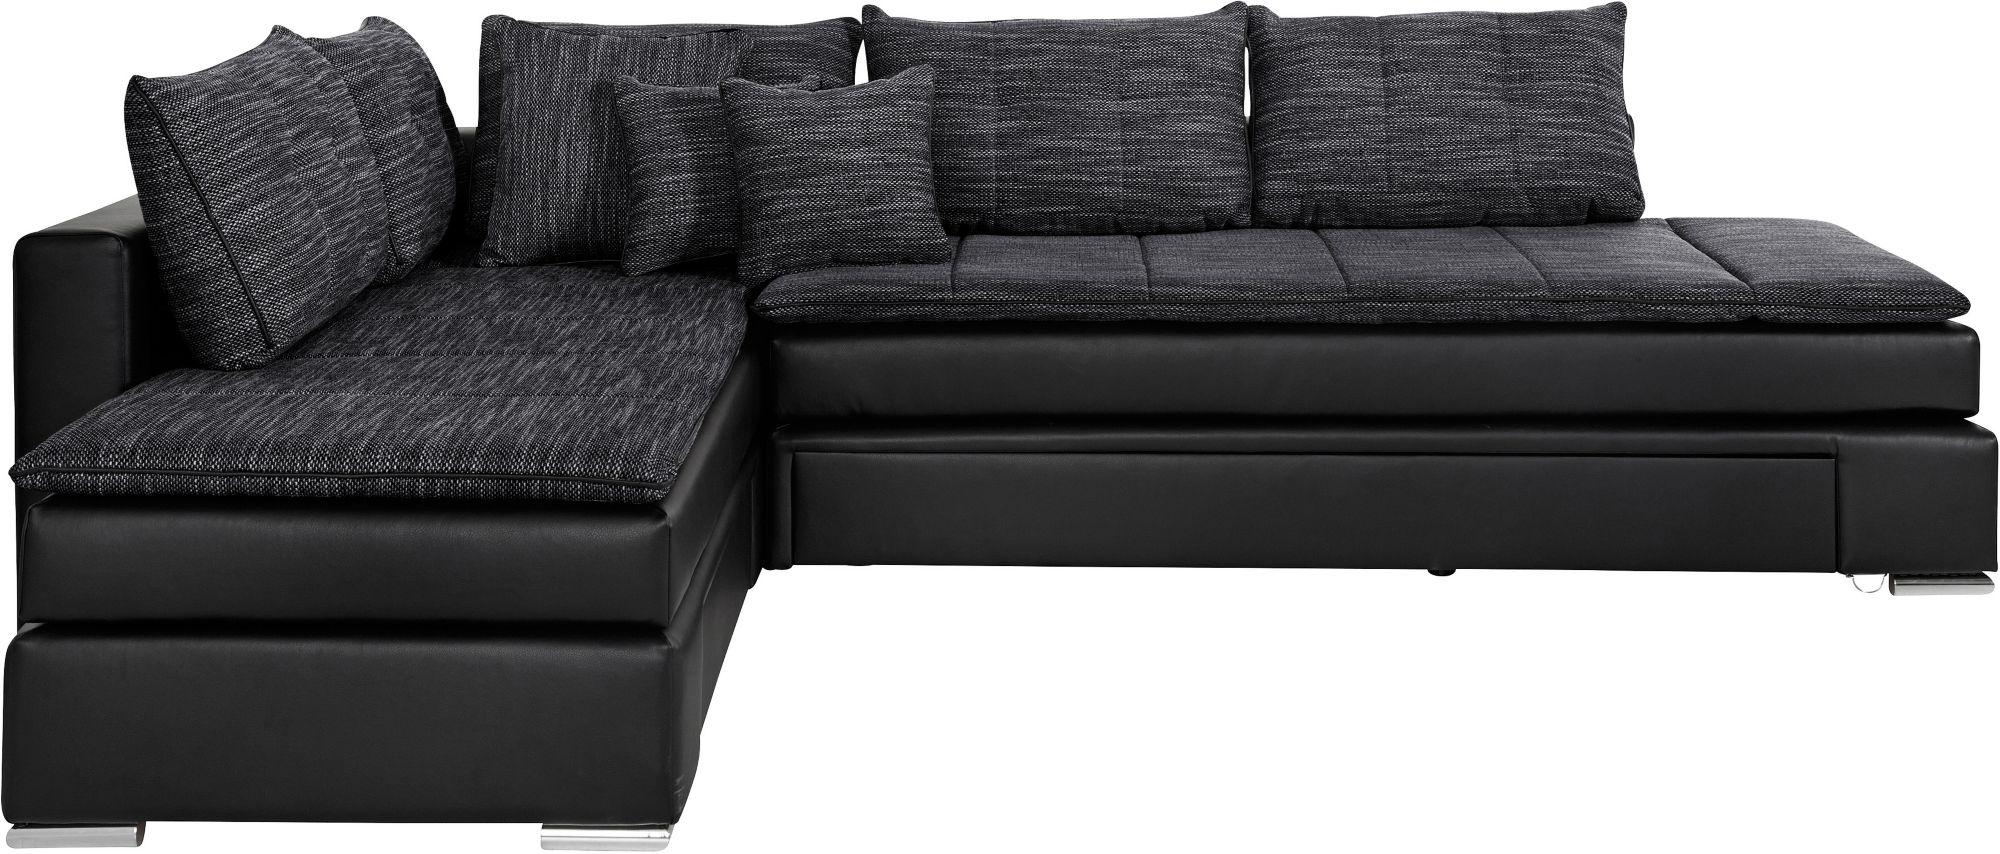 inosign polsterecke g nstig online kaufen beim schwab versand. Black Bedroom Furniture Sets. Home Design Ideas